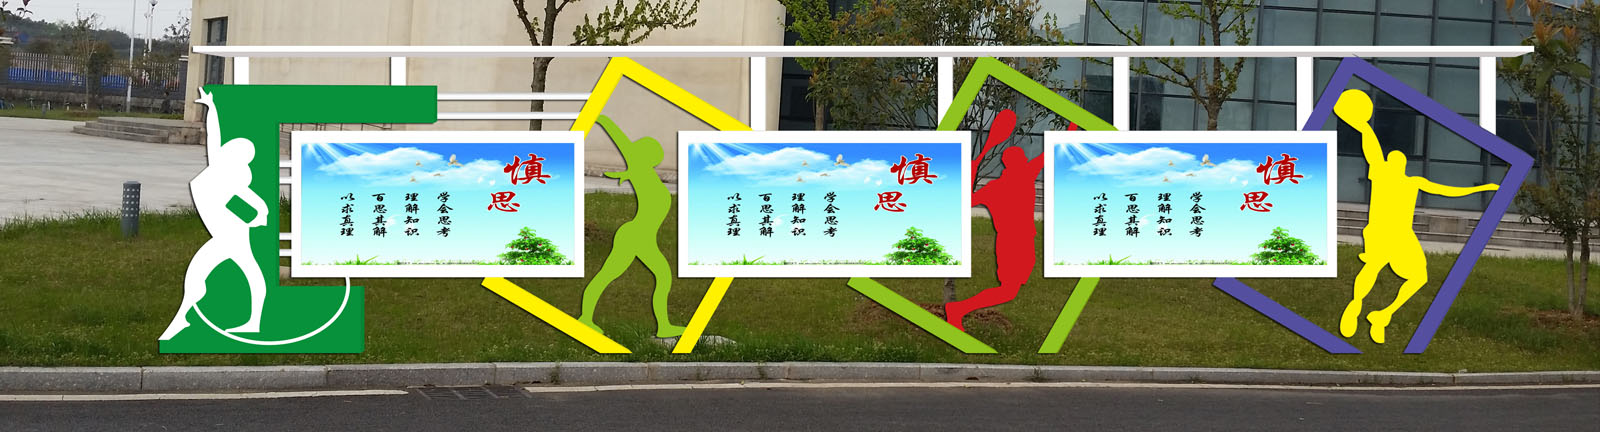 晋中公交候车亭